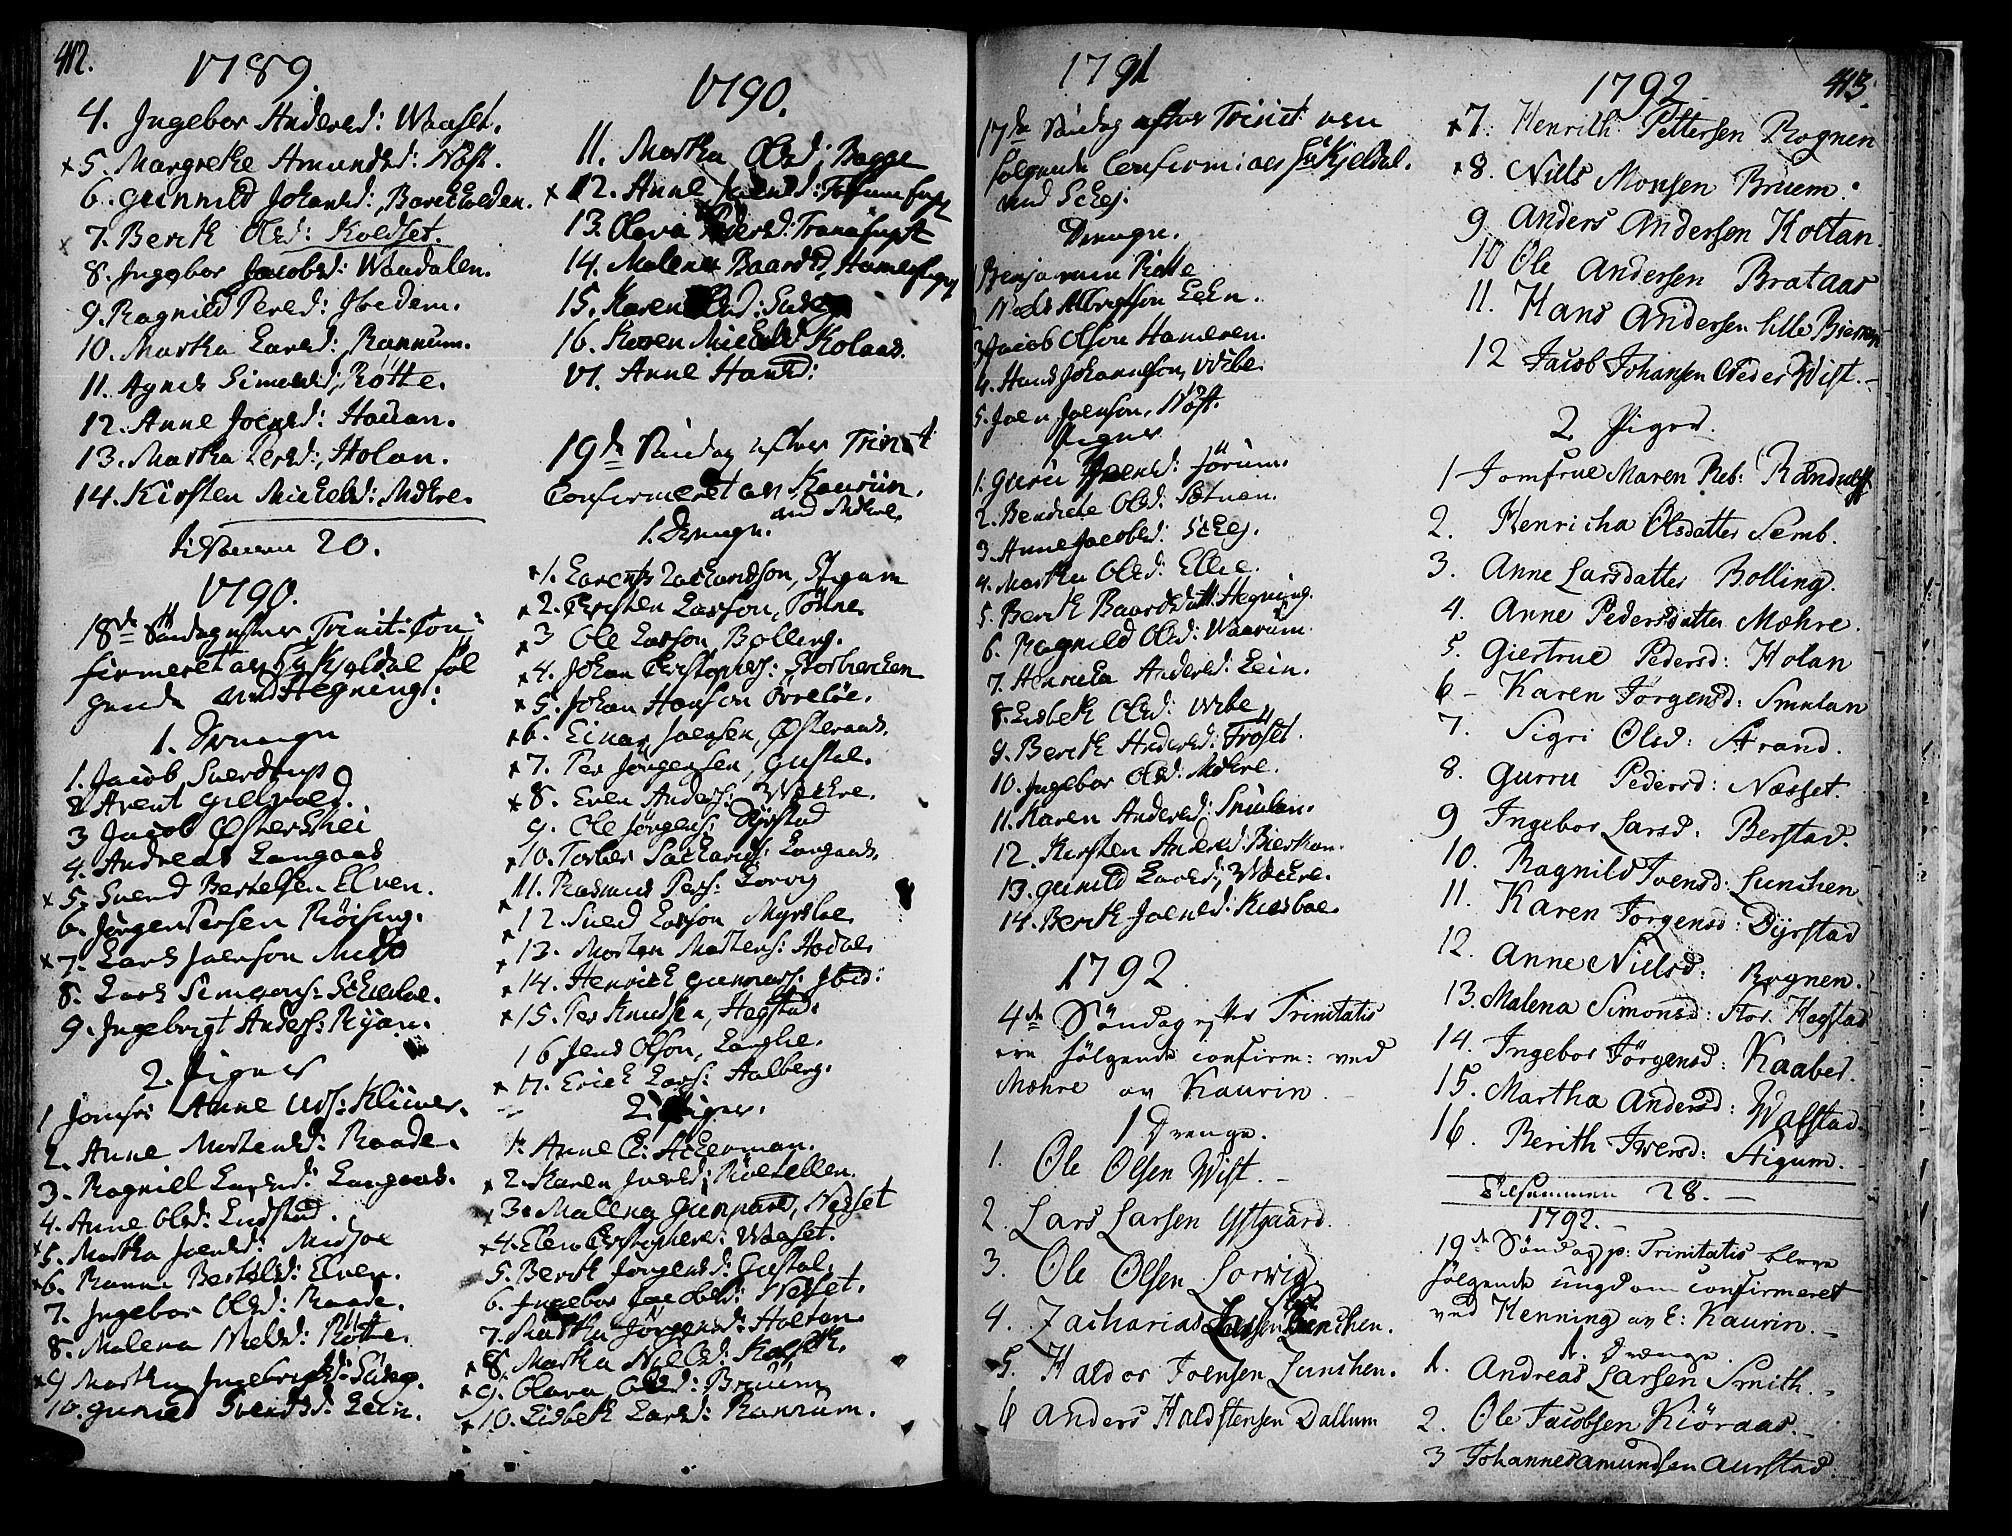 SAT, Ministerialprotokoller, klokkerbøker og fødselsregistre - Nord-Trøndelag, 735/L0331: Ministerialbok nr. 735A02, 1762-1794, s. 412-413